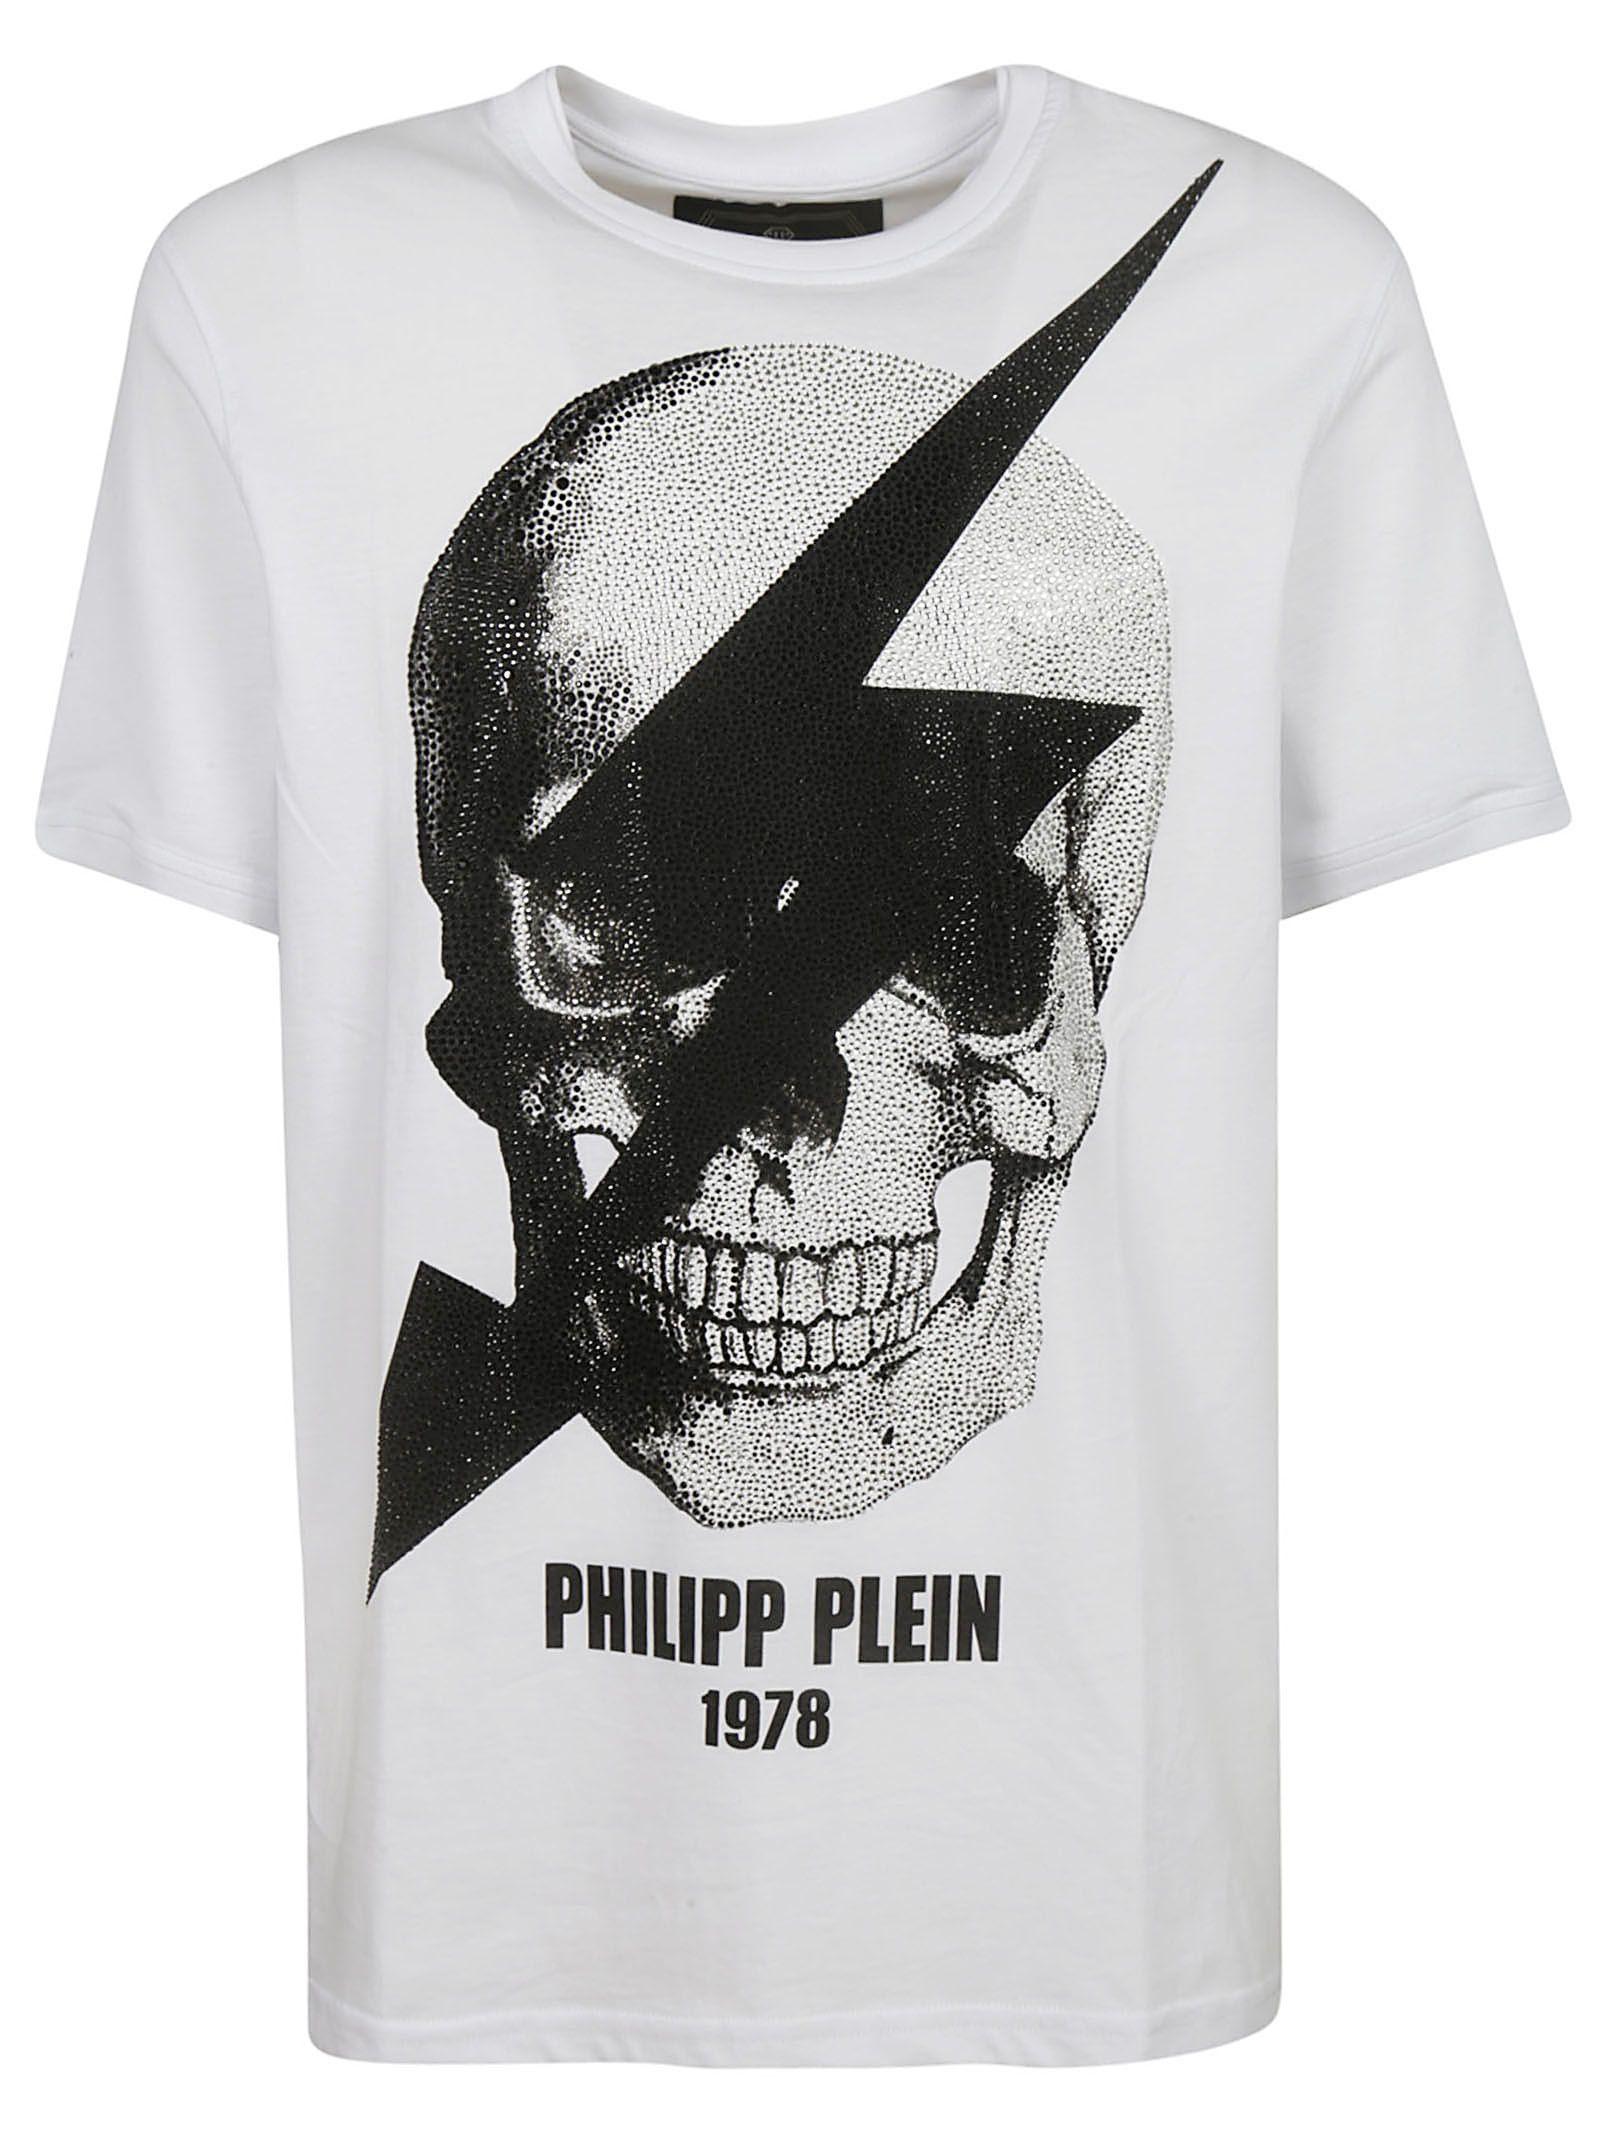 1f68b596c8 Philipp Plein Philipp Plein Skull Print T-shirt - White/Black ...